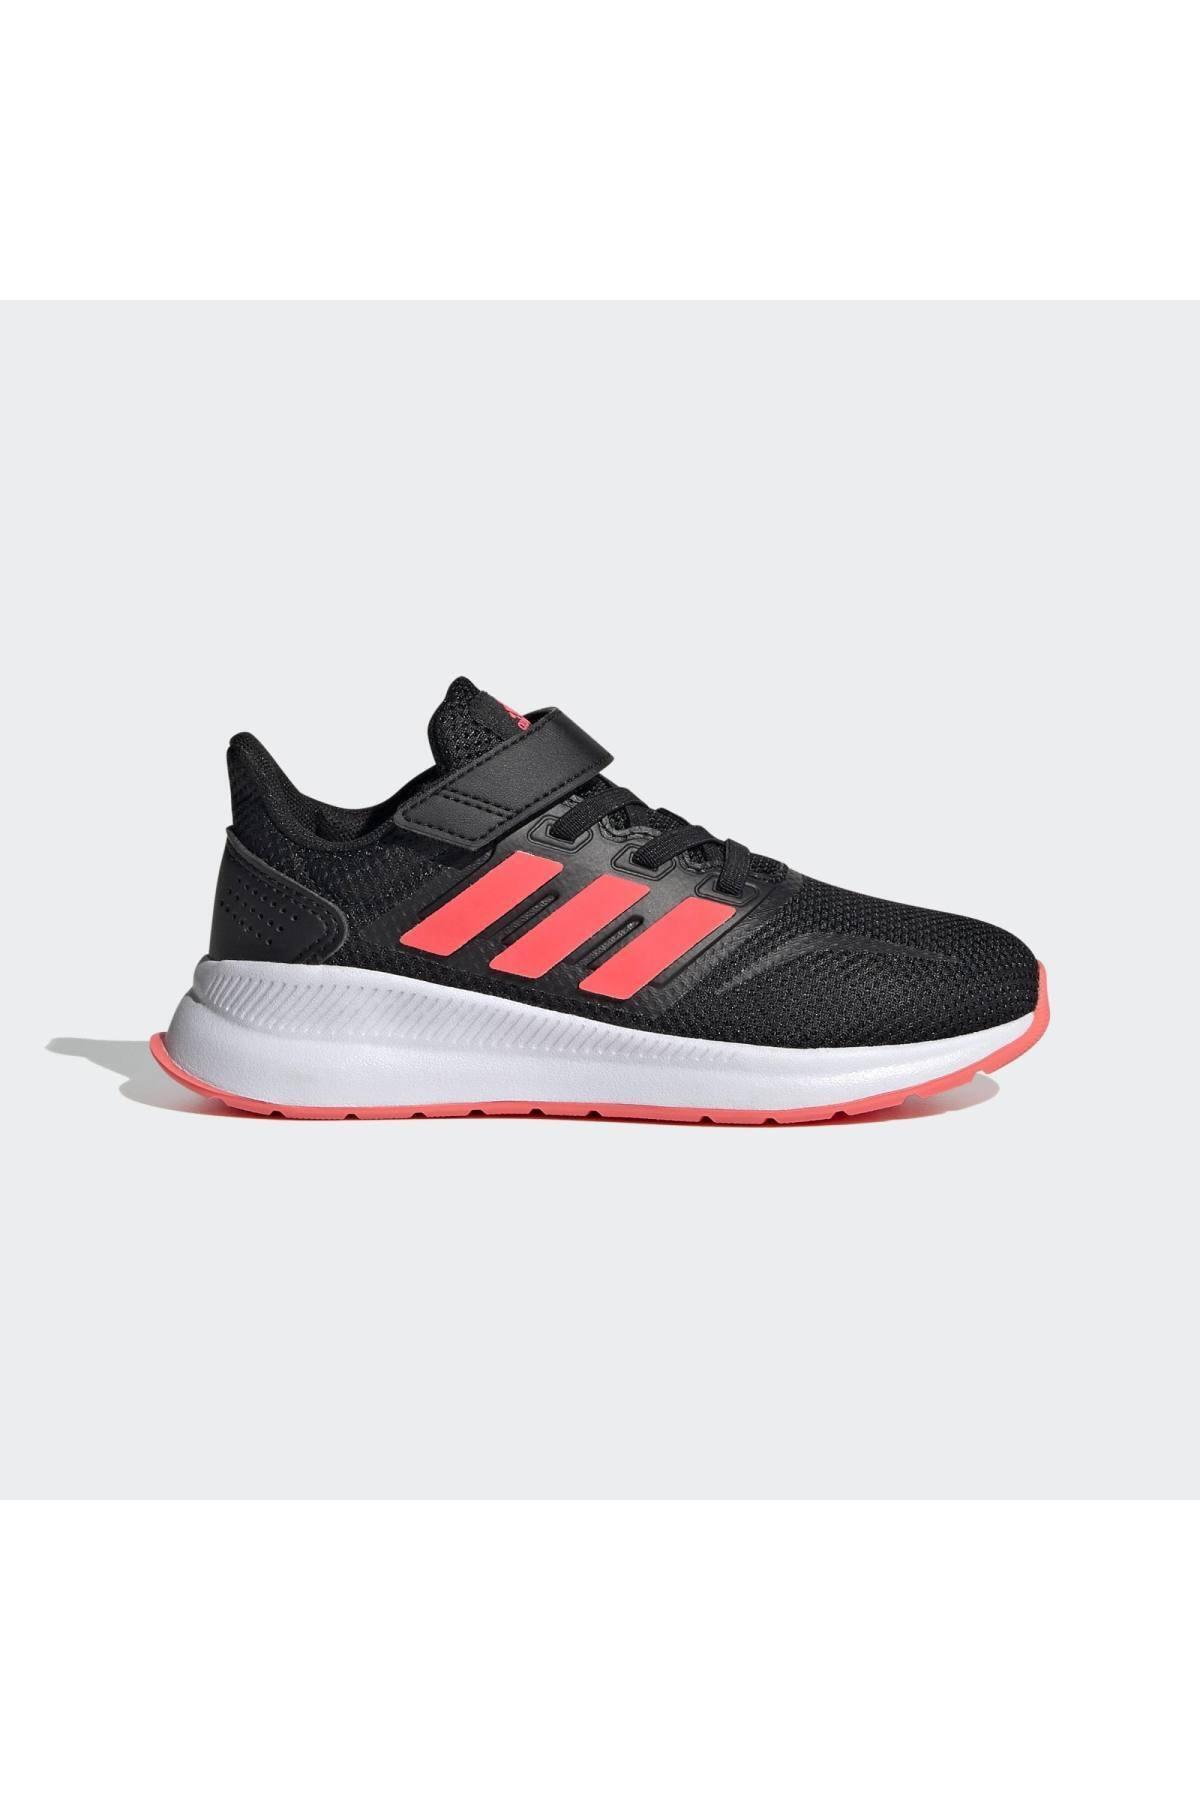 adidas RUNFALCON C Siyah Kız Çocuk Koşu Ayakkabısı 100663763 1